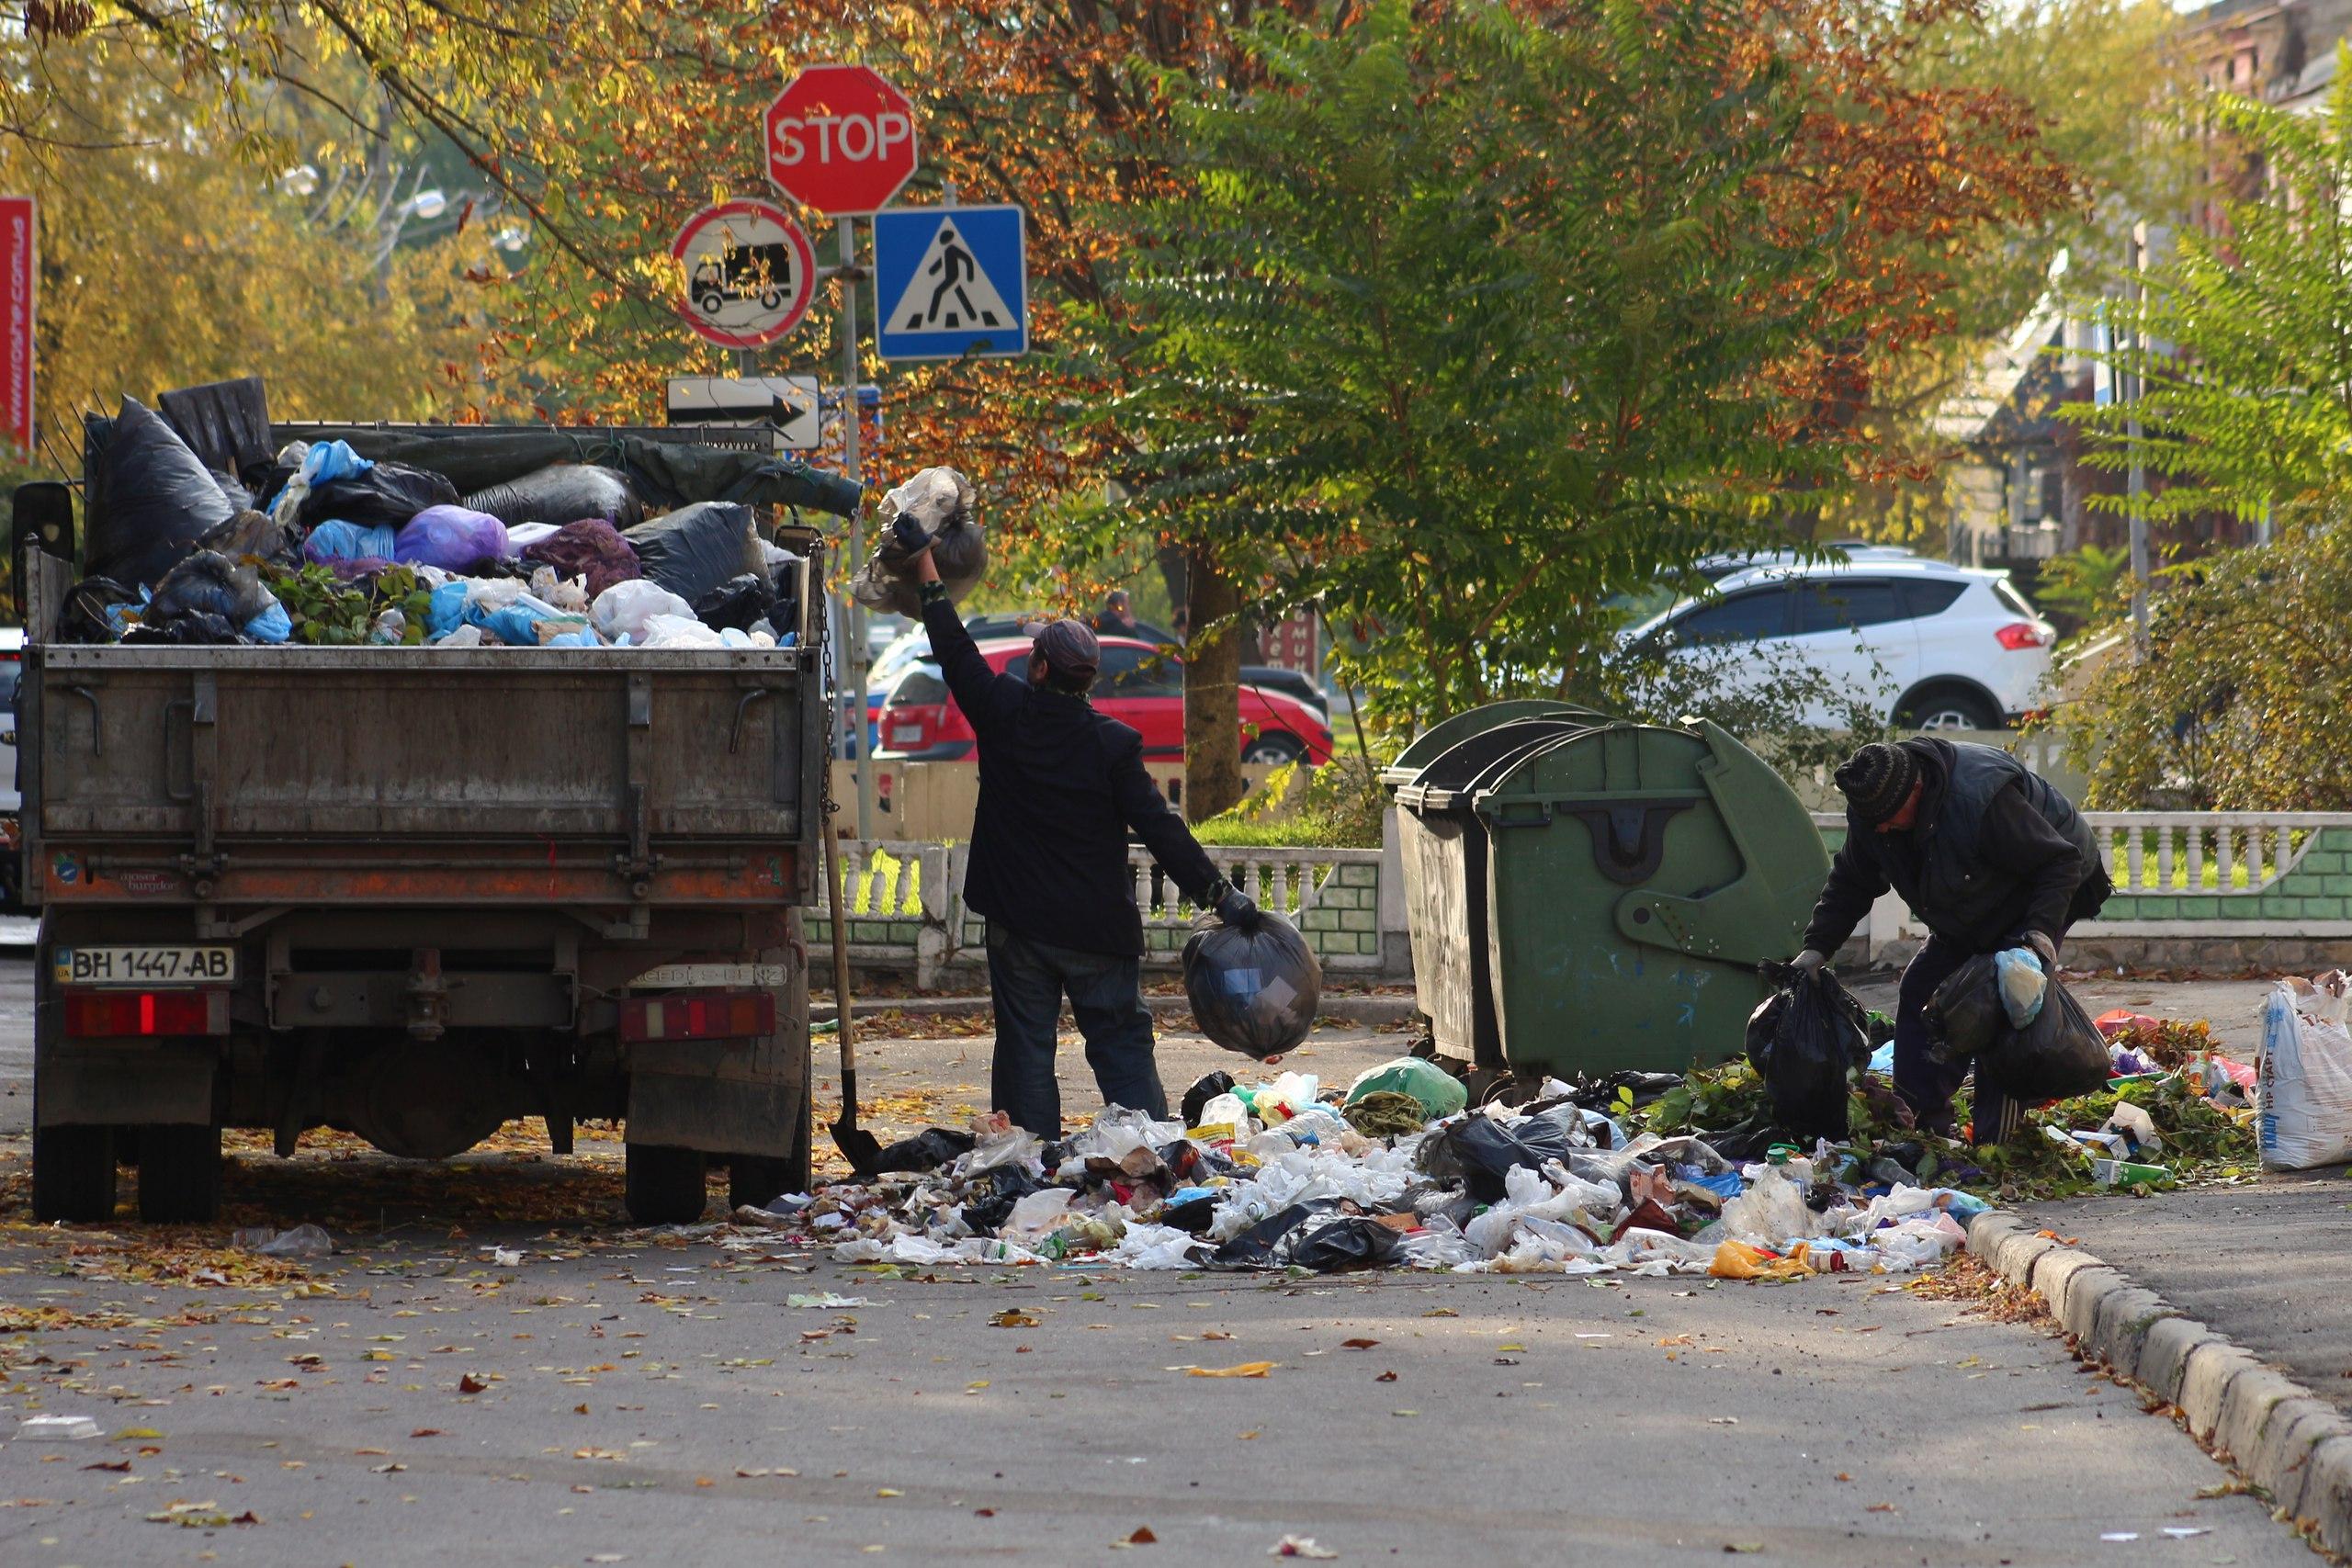 Коммунальщики вместо вывоза мусора складывают его обратно в баки (фото)